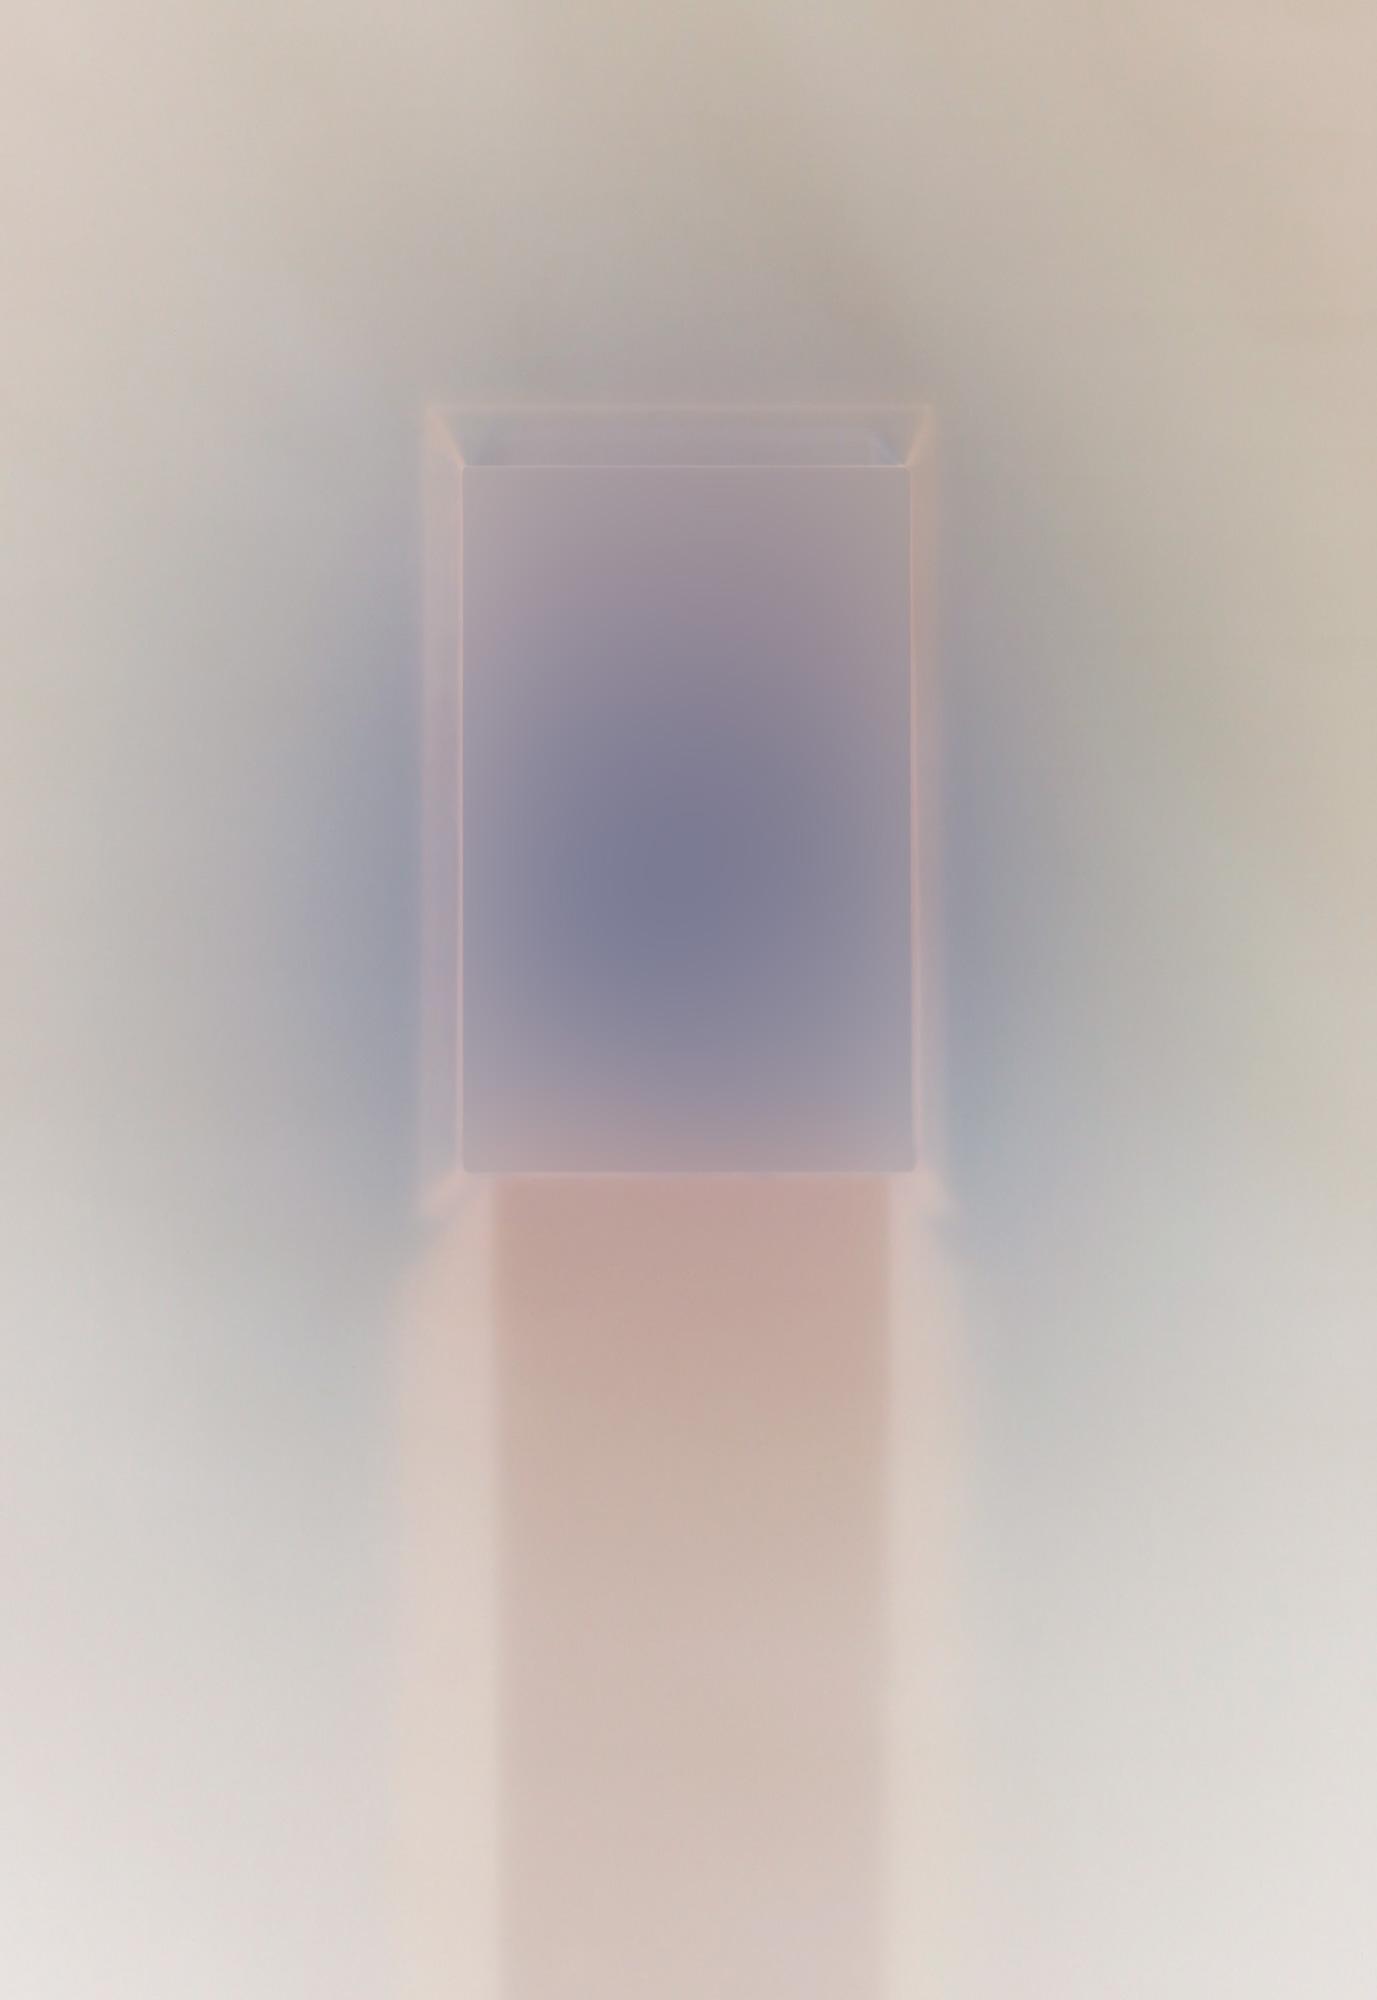 Shadows (geo 001), 2014